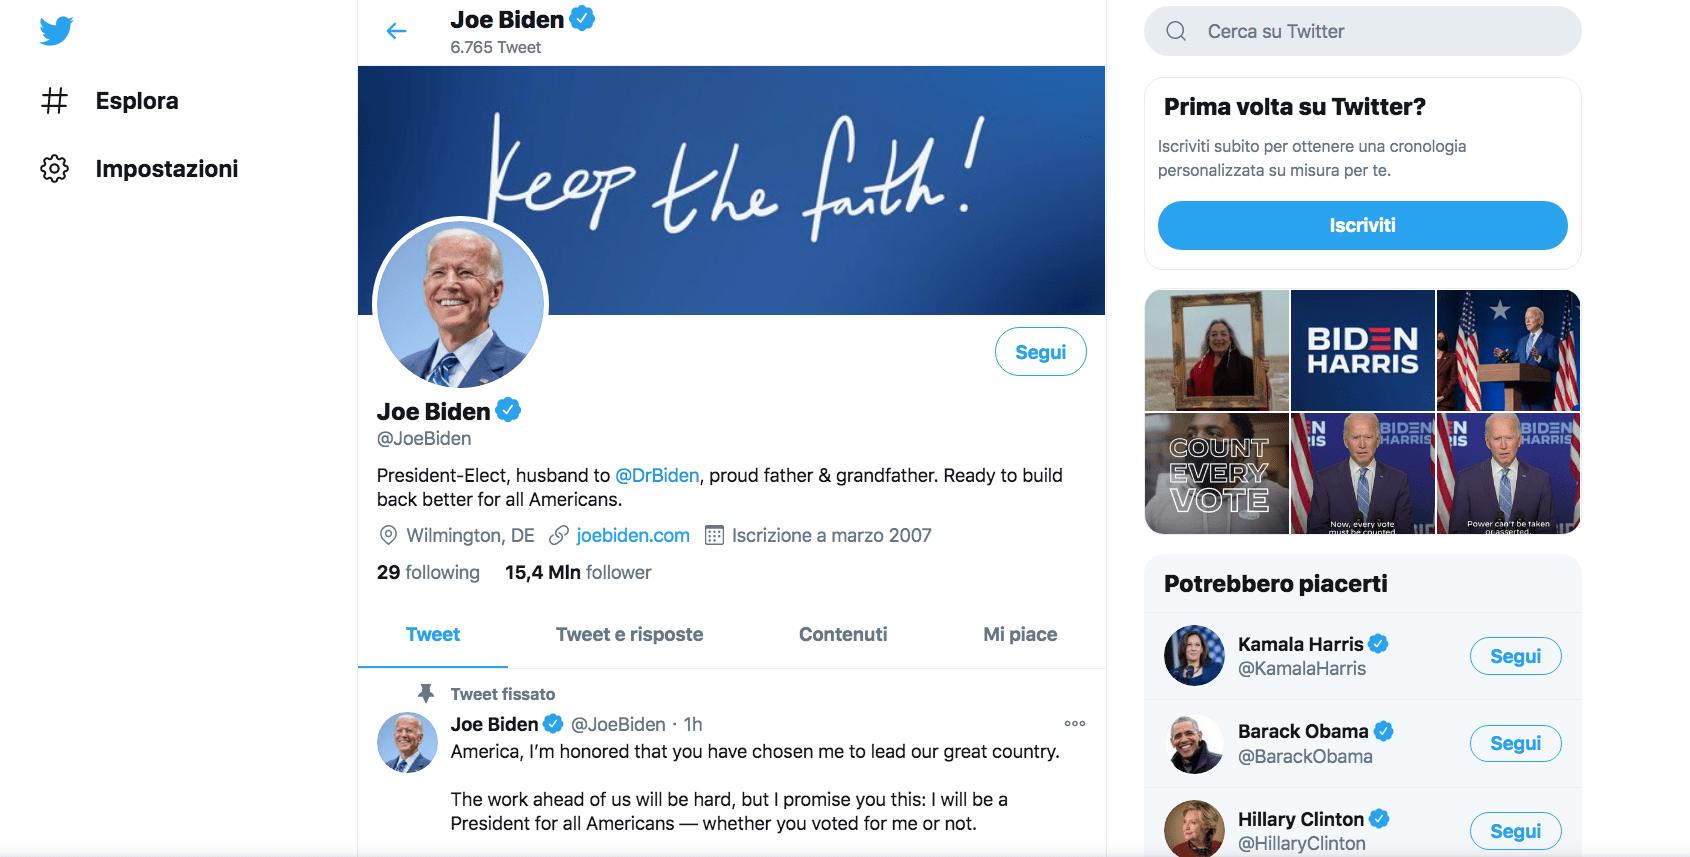 Elezioni USA 2020: le reazioni su Twitter